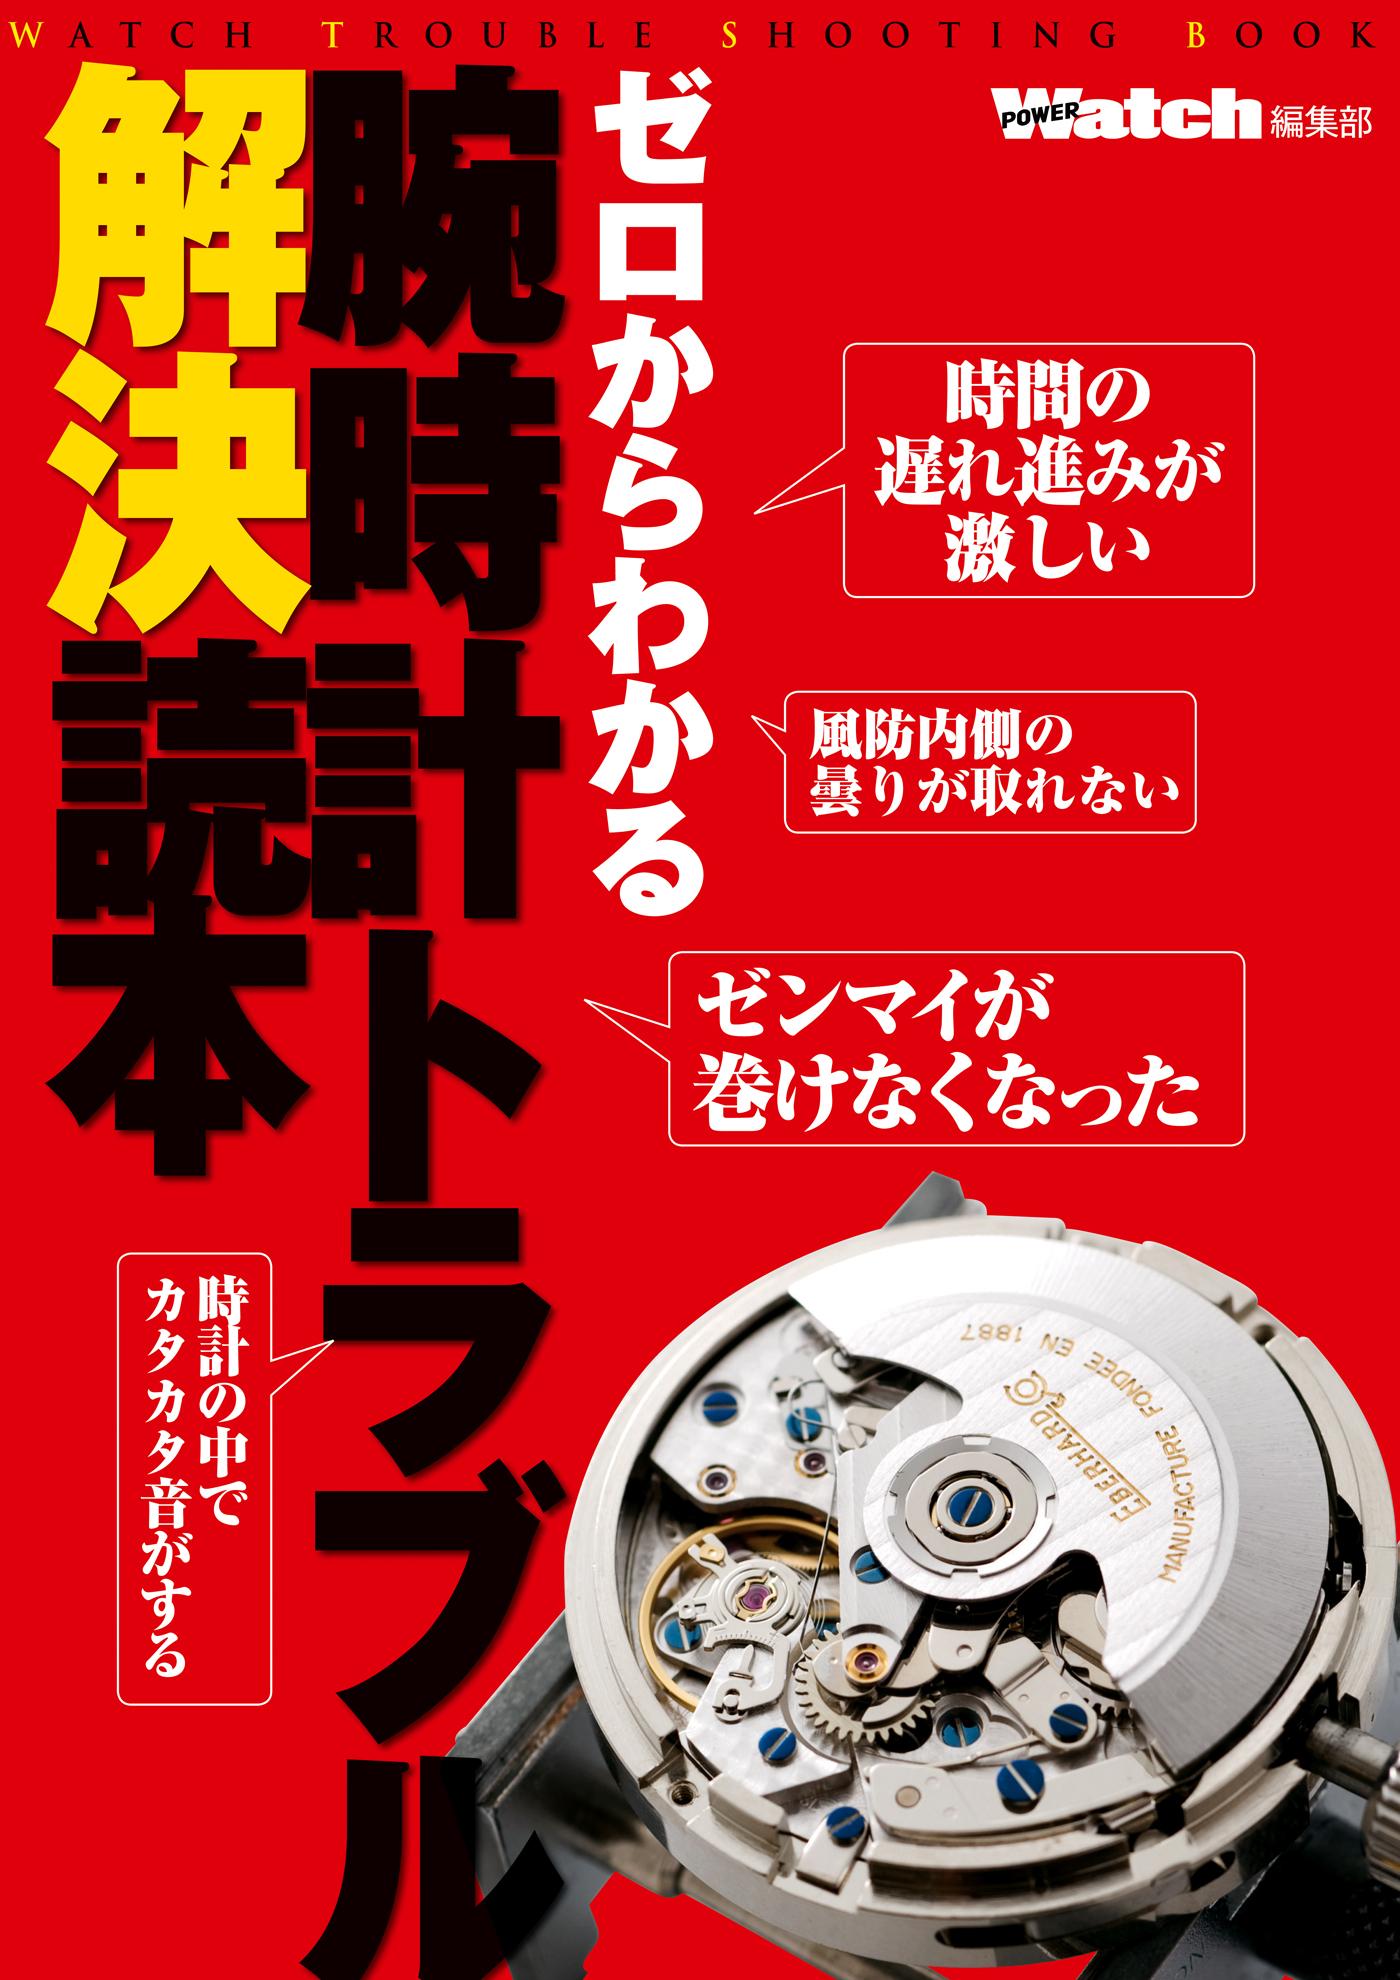 C's-Factory|電子書籍|ゼロからわかる腕時計トラブル解決読本